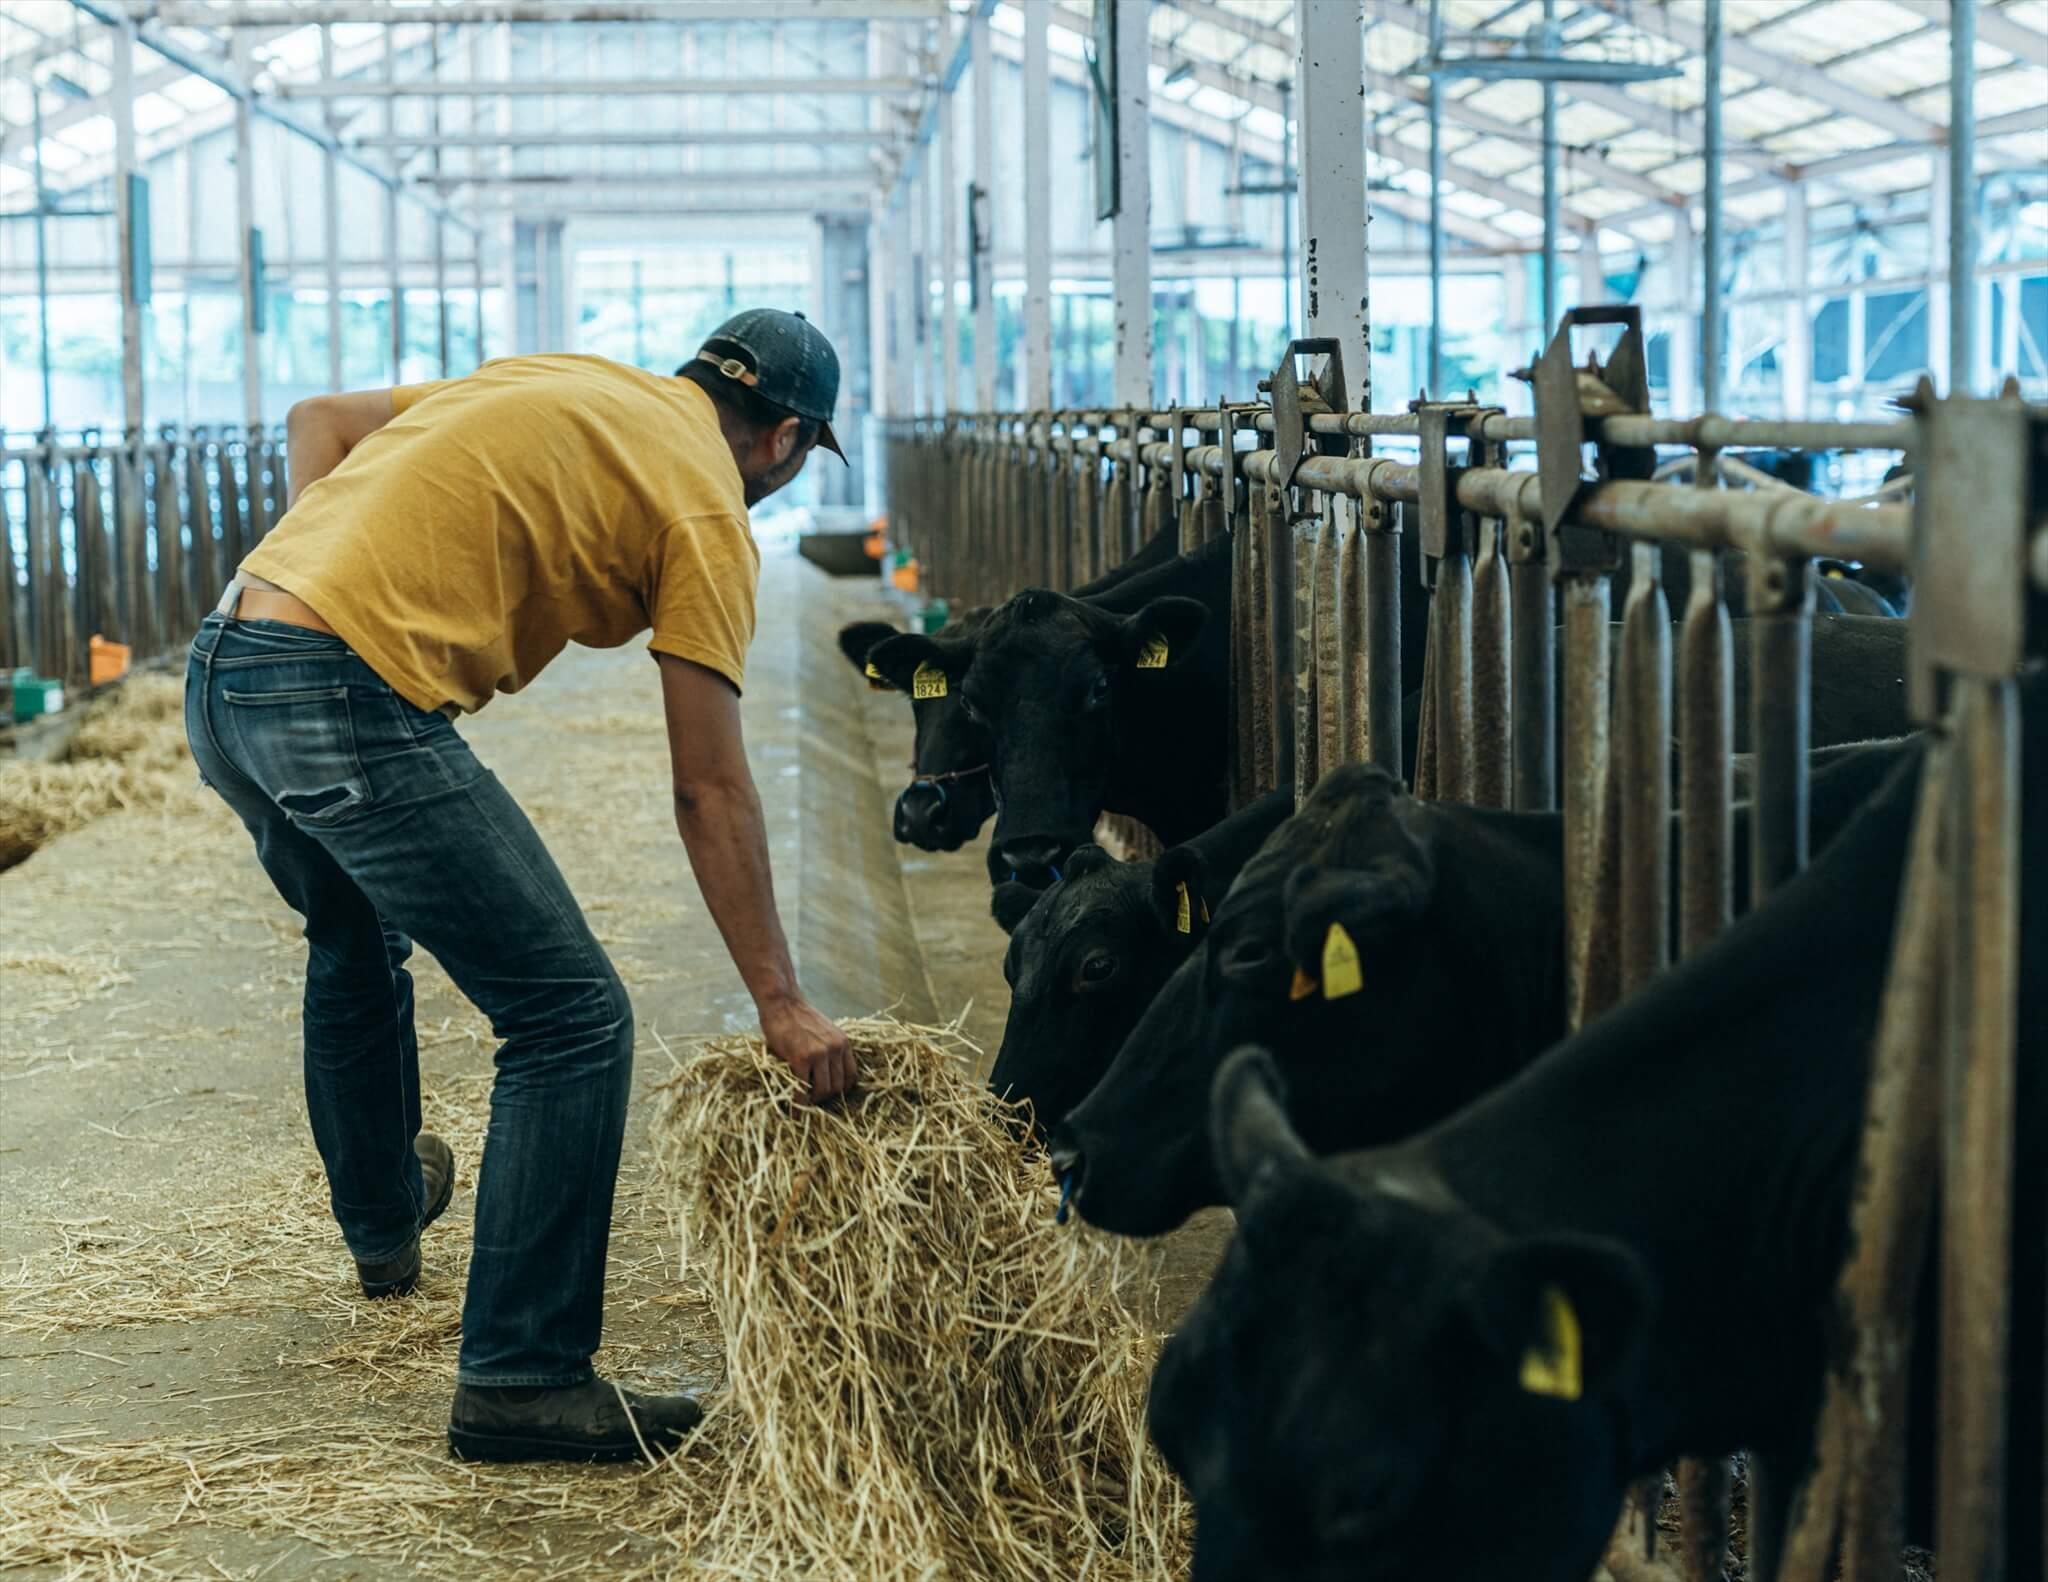 阿武町で大正時代から飼育されてきた「無角和牛」。和牛の4品種(黒毛和種・褐毛和種・日本短角種・無角和種)の一つで、全国に約200頭いるうちの約150頭が阿武町で育てられている